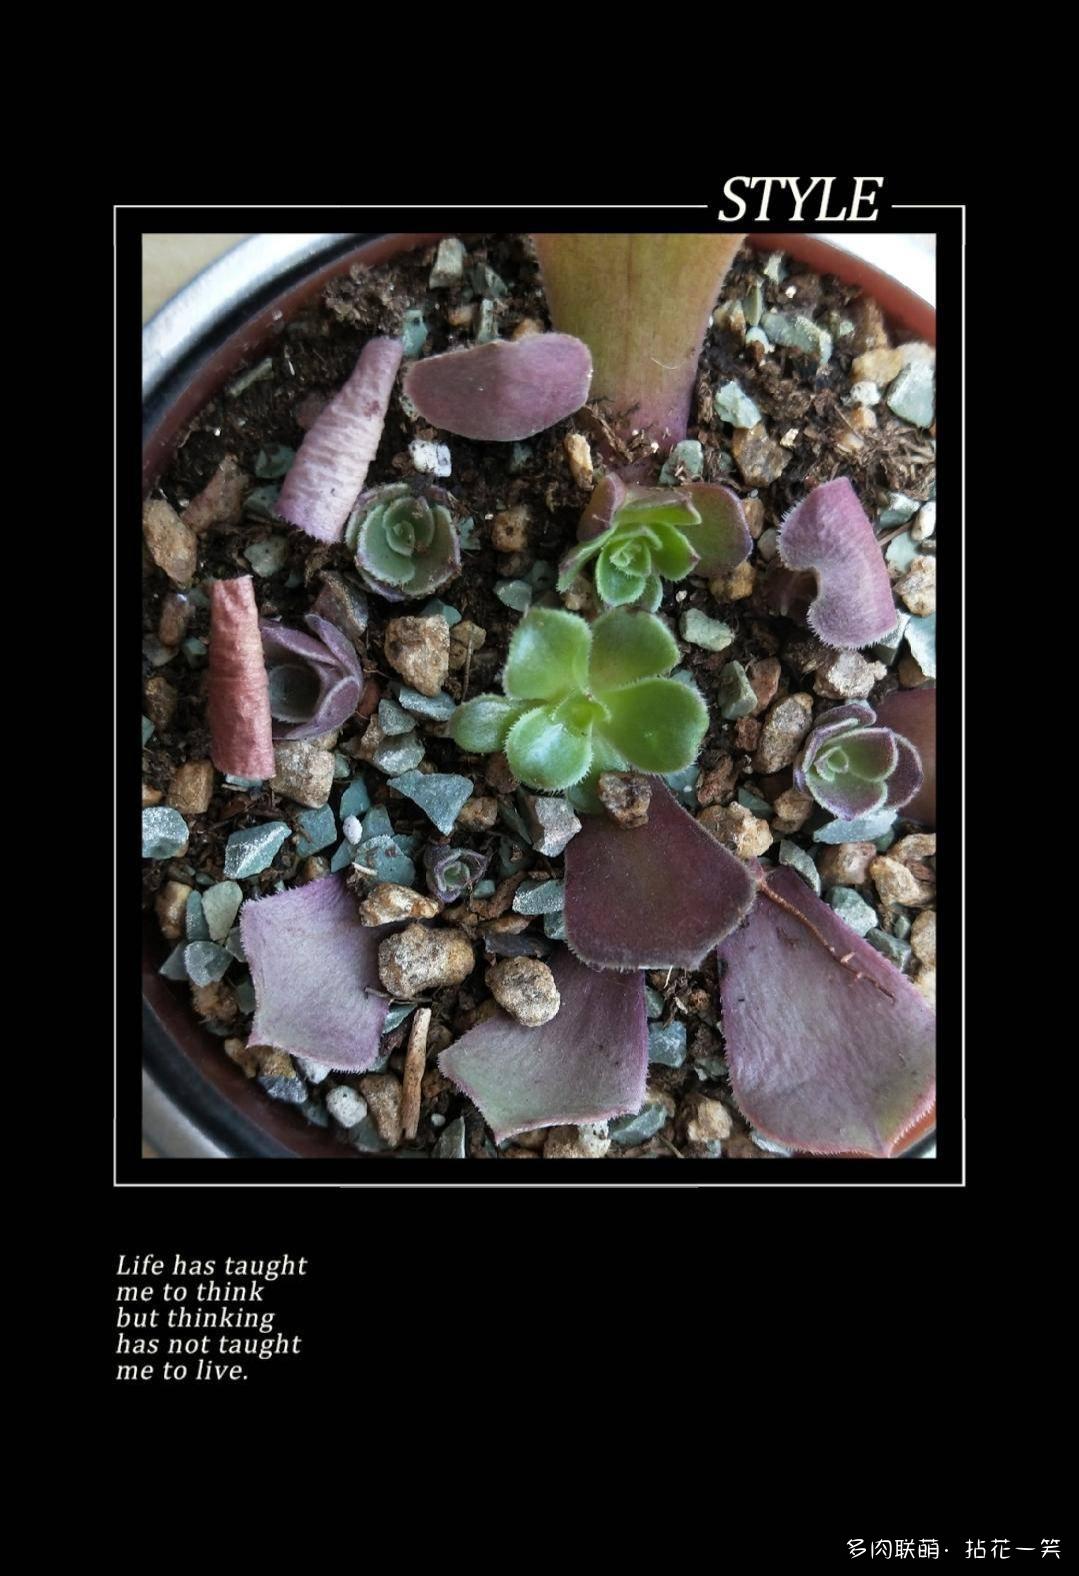 紫羊绒的叶插